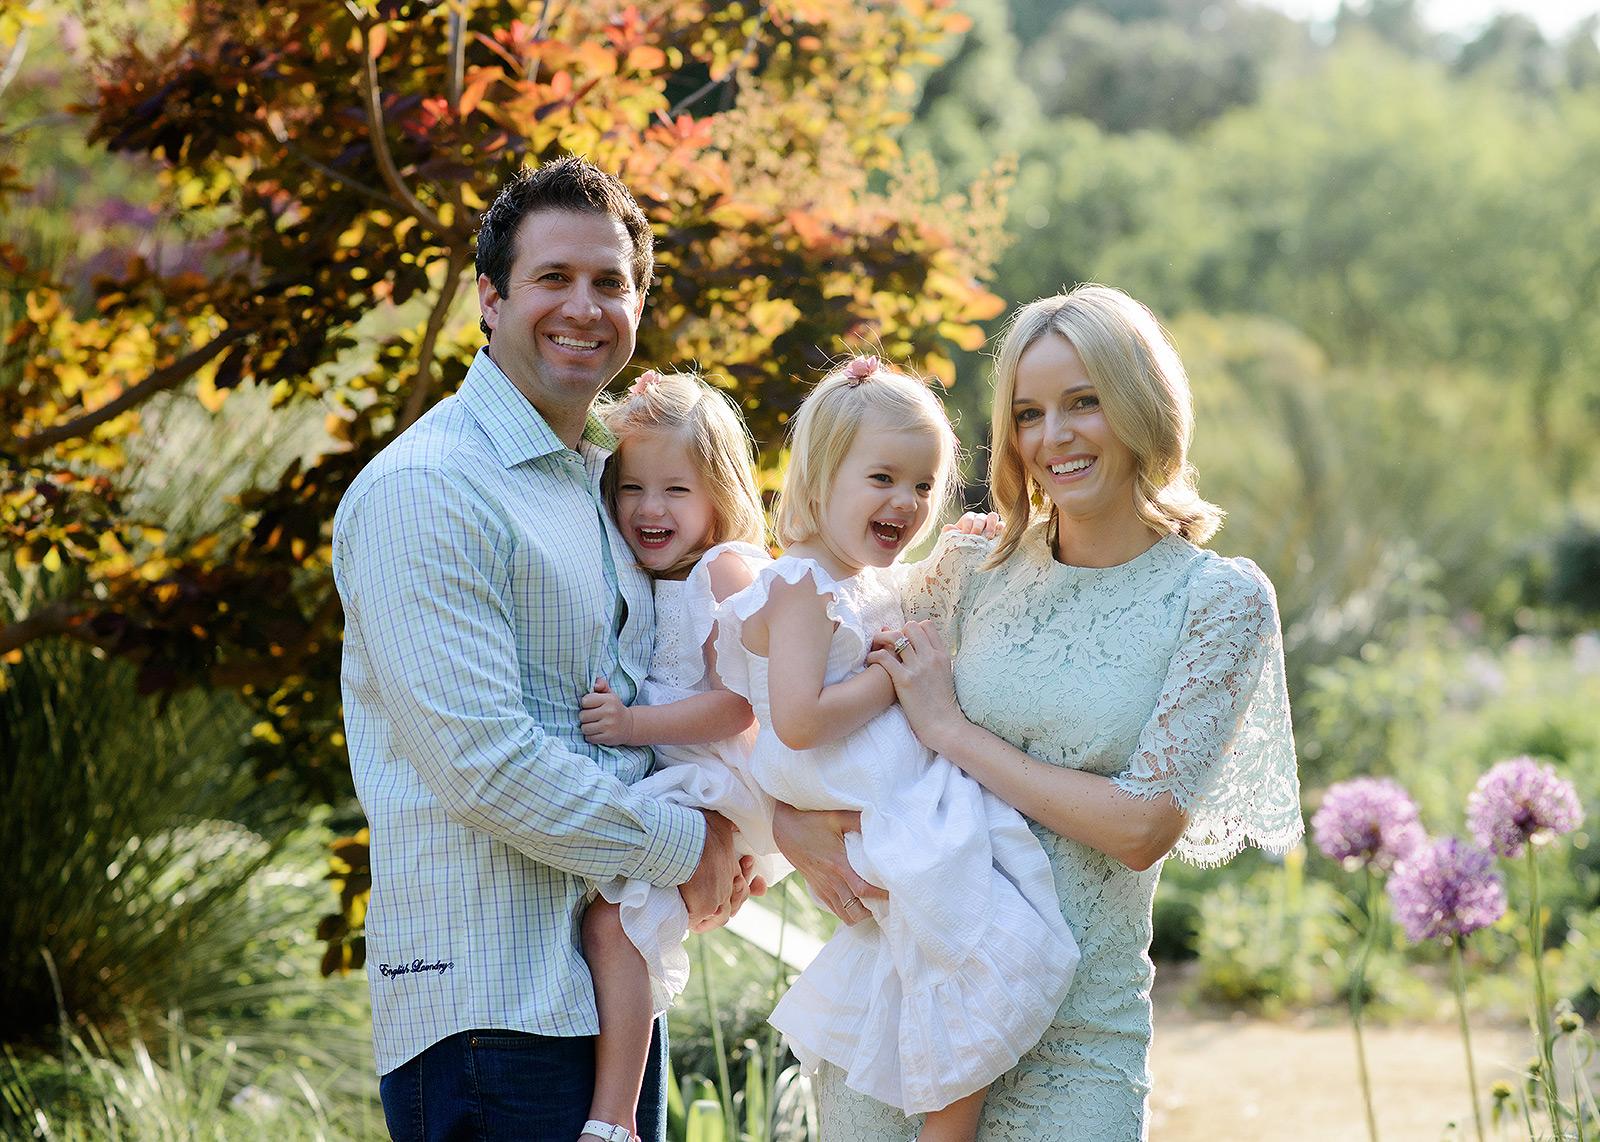 Spring family photos for Easter in outdoor Sacramento